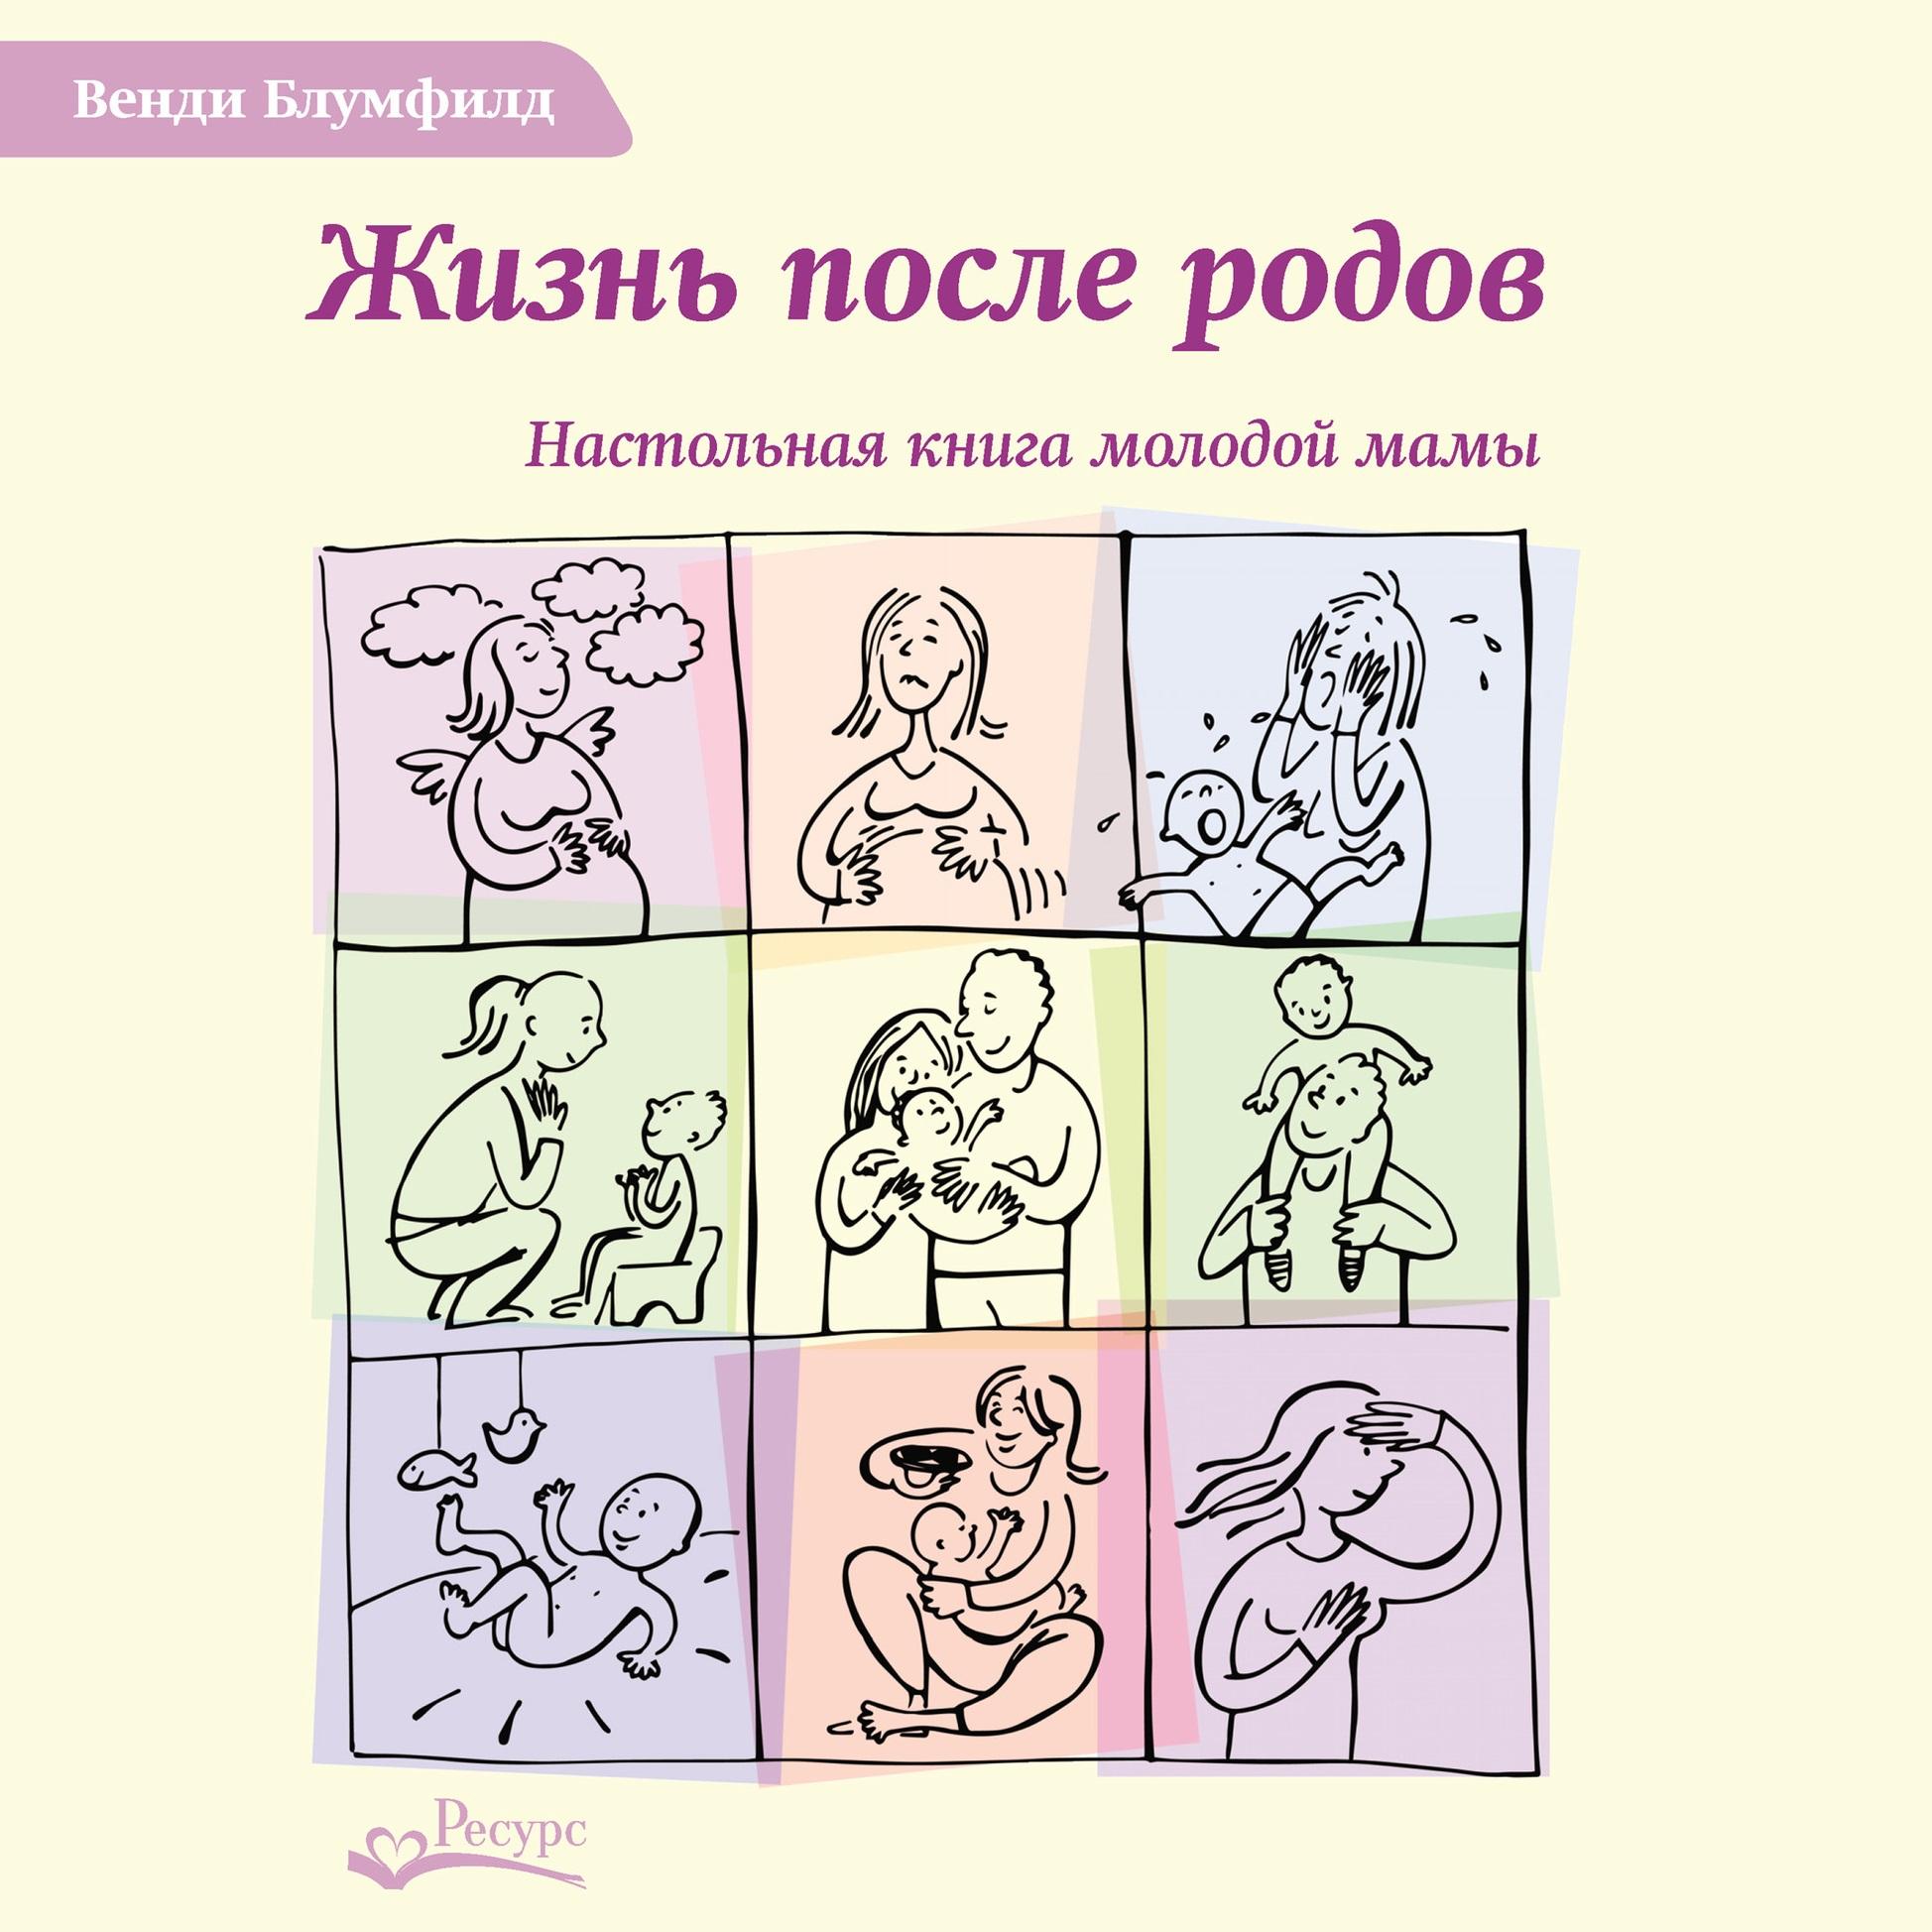 Купить книгу Жизнь после родов. Настольная книга молодой мамы, автора Венди Блумфилд